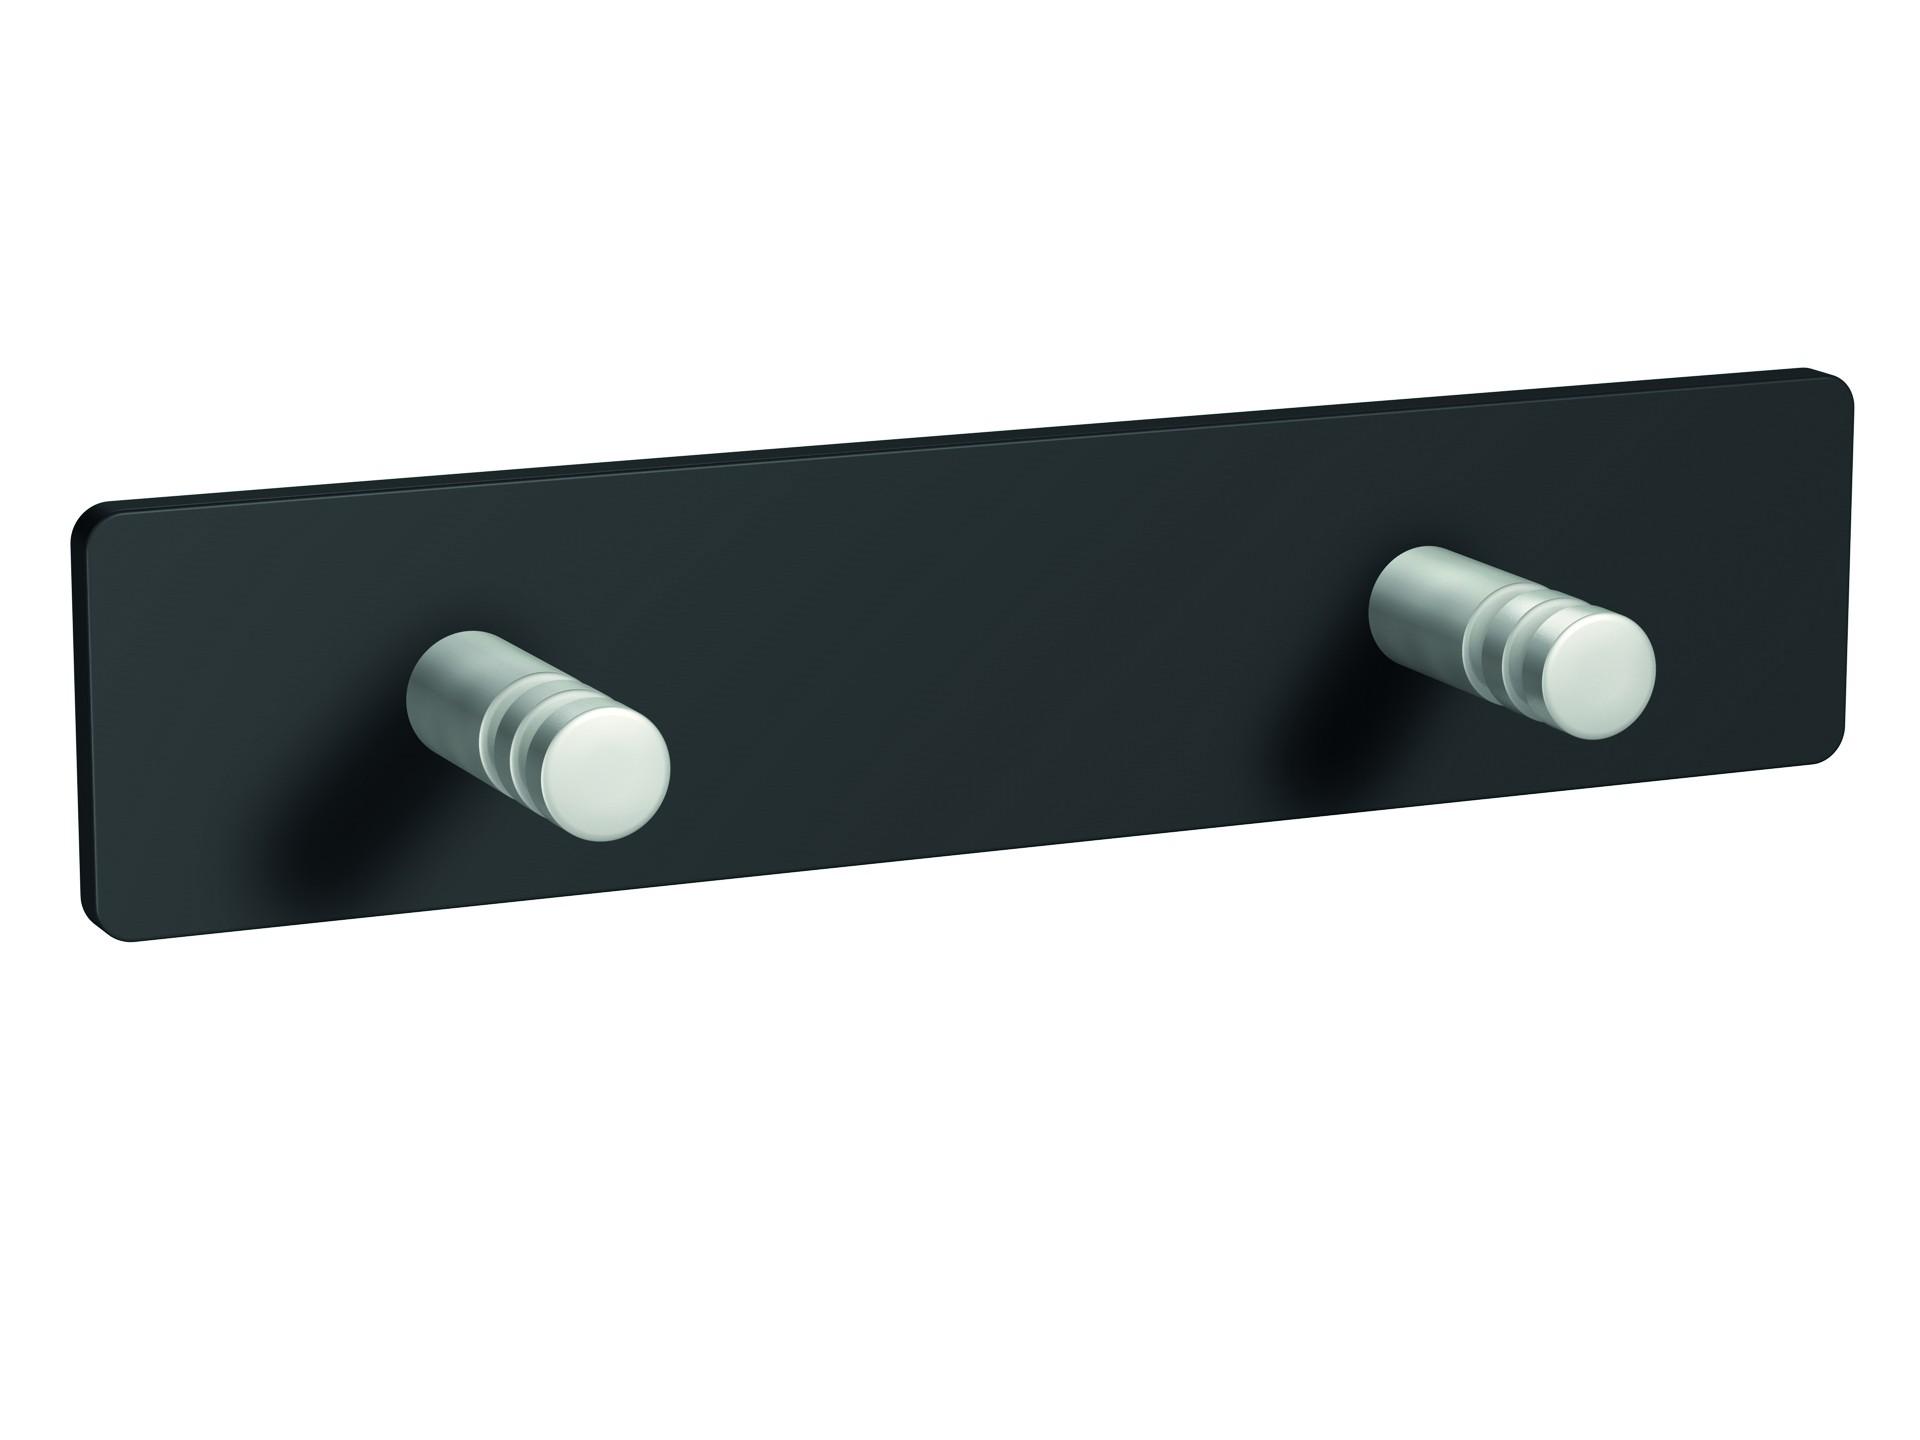 Porte-manteau 2 crochets magnétiques - modèle STANDARD